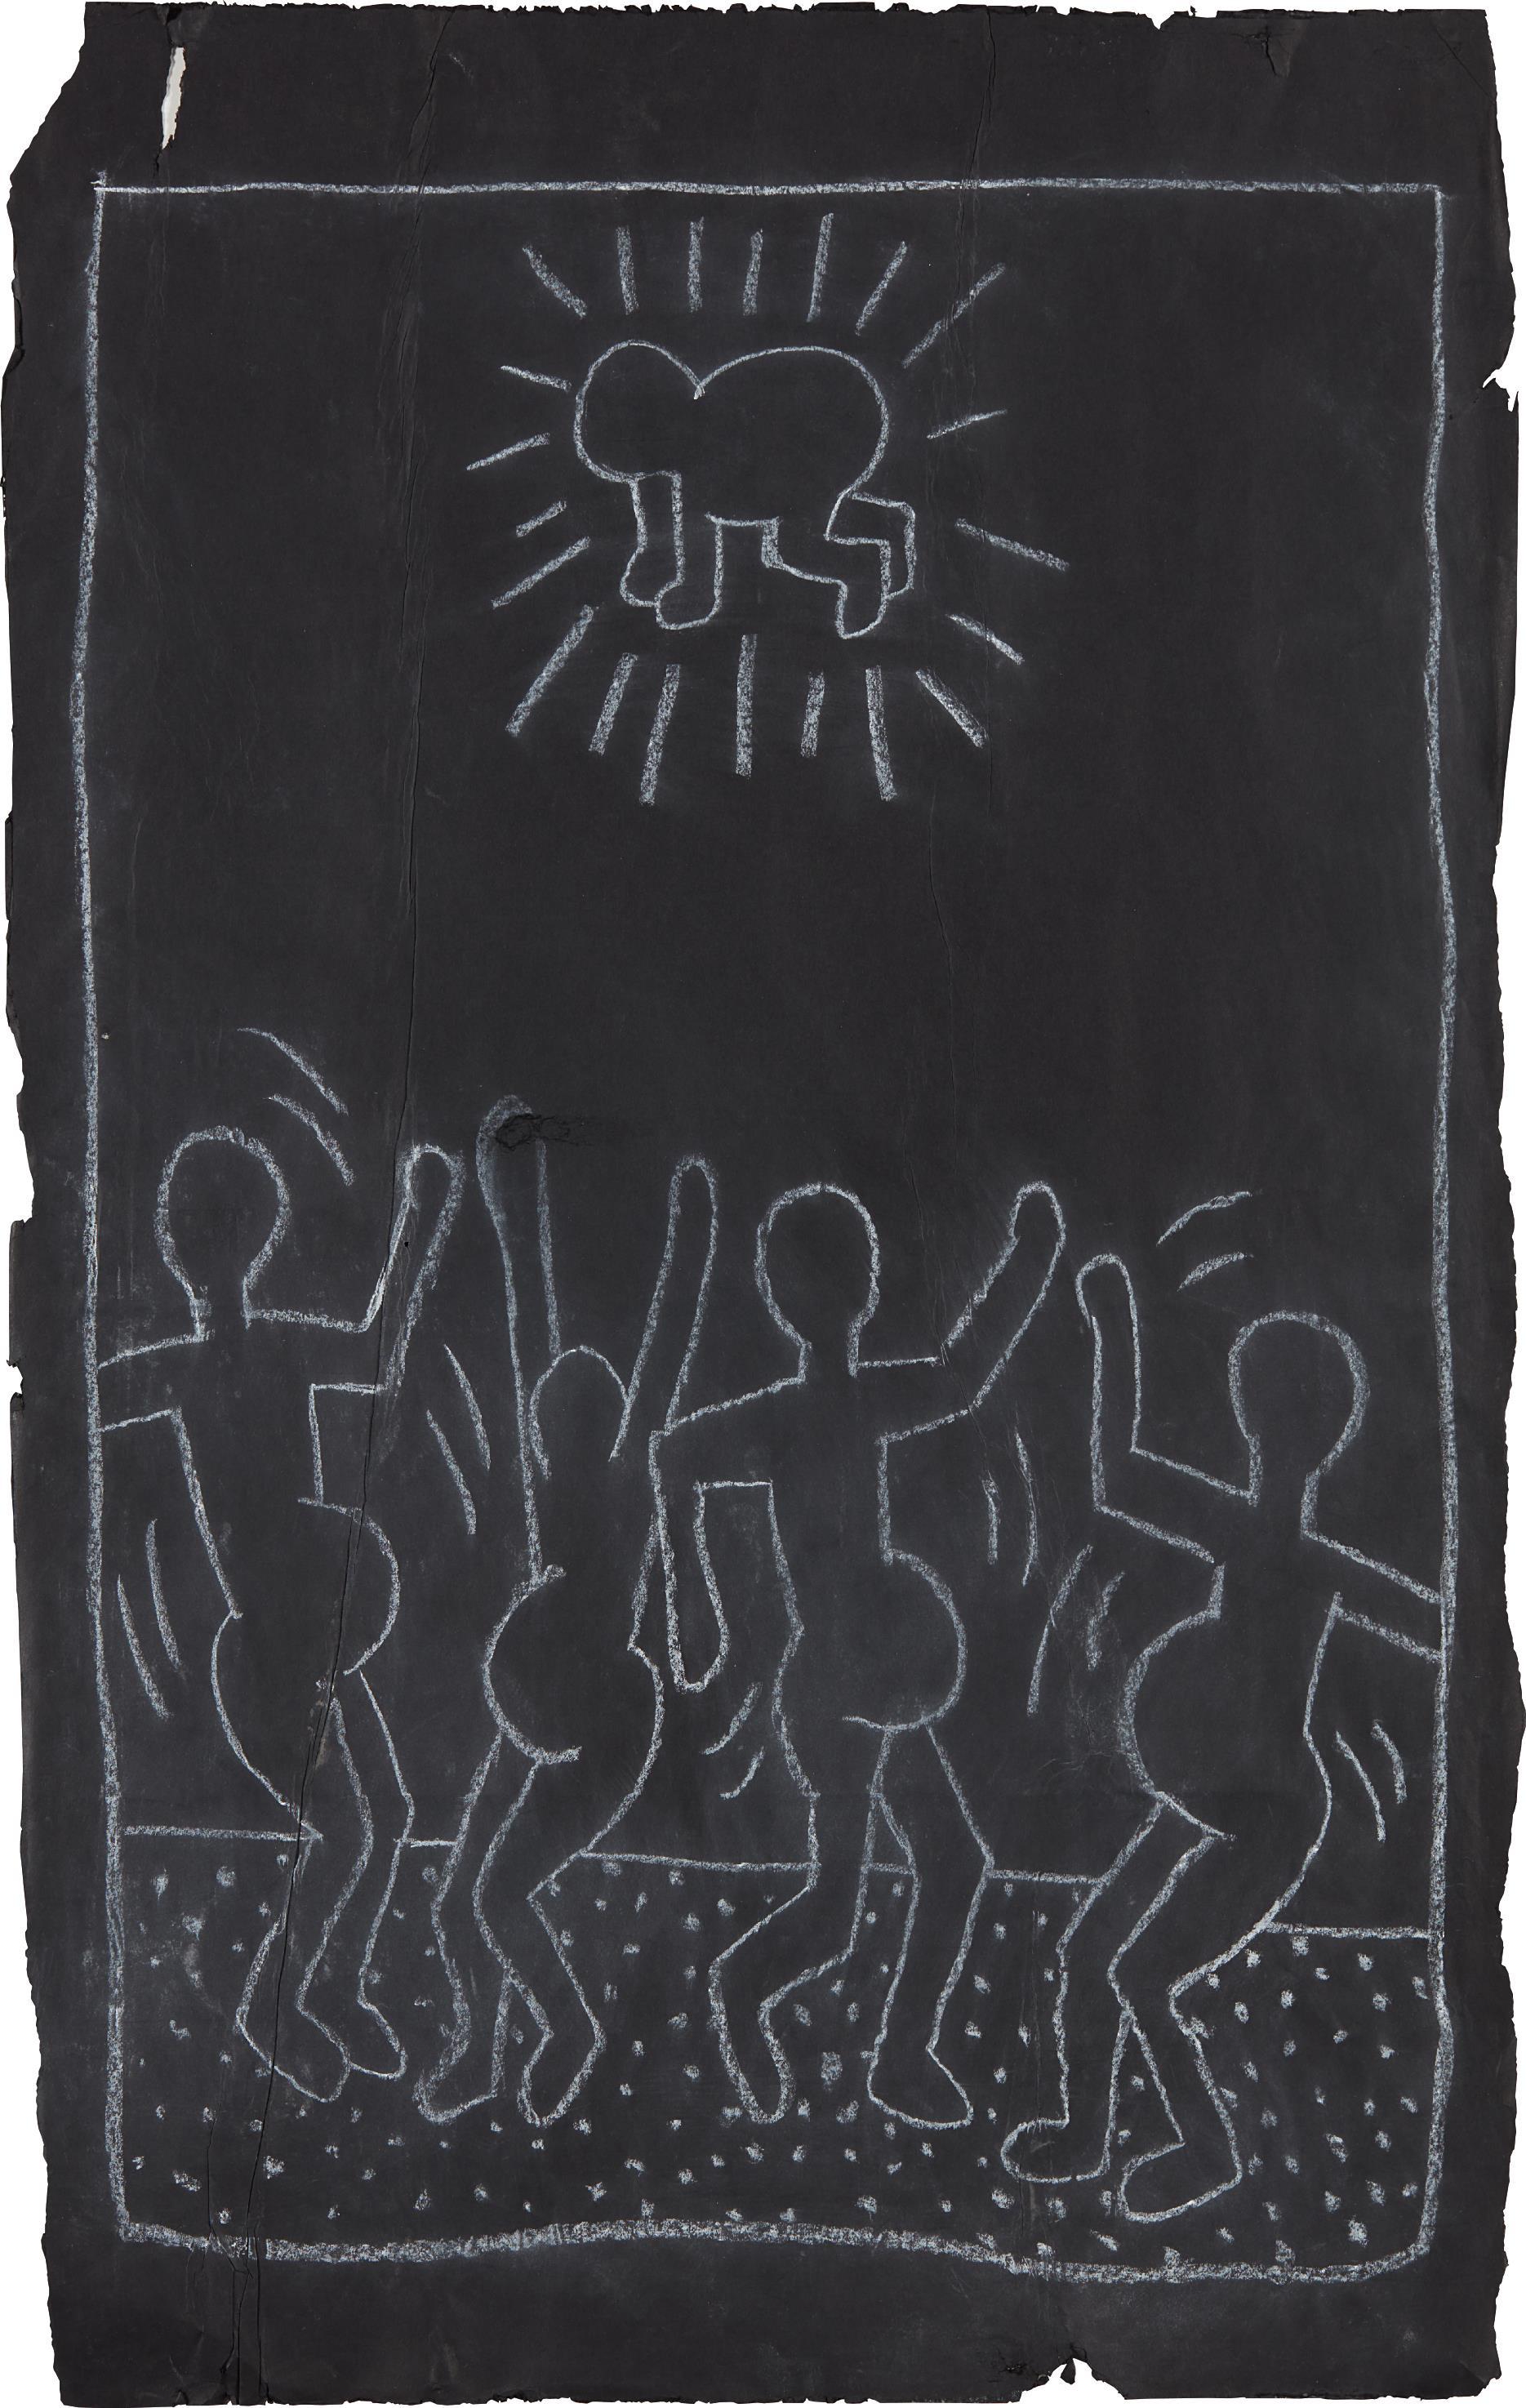 Keith Haring-Subway Drawing-1982